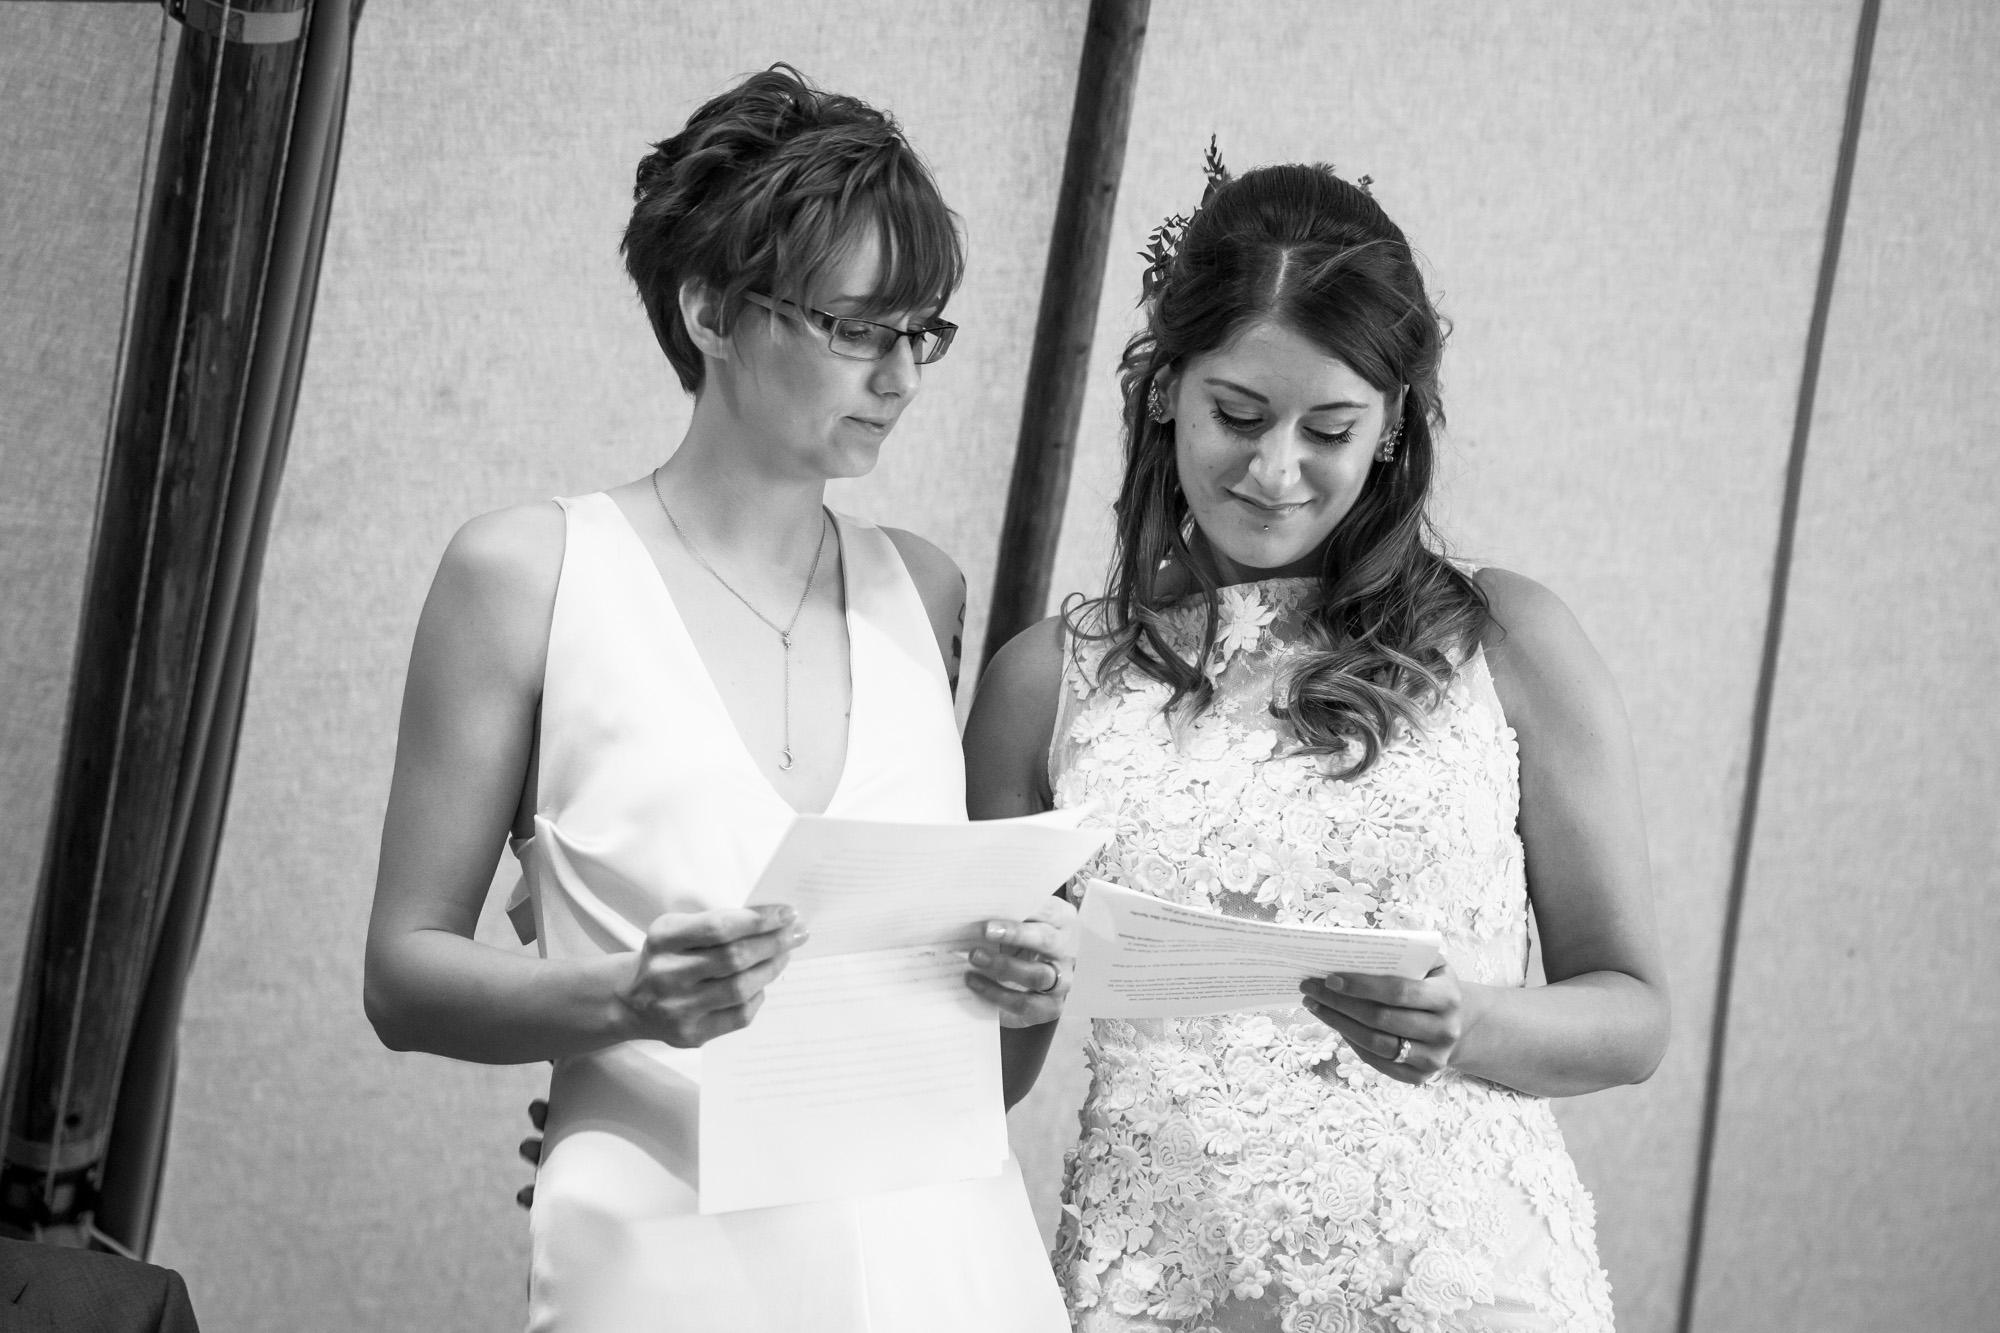 2017-09-09 Jessie & Tamsin 426 blog